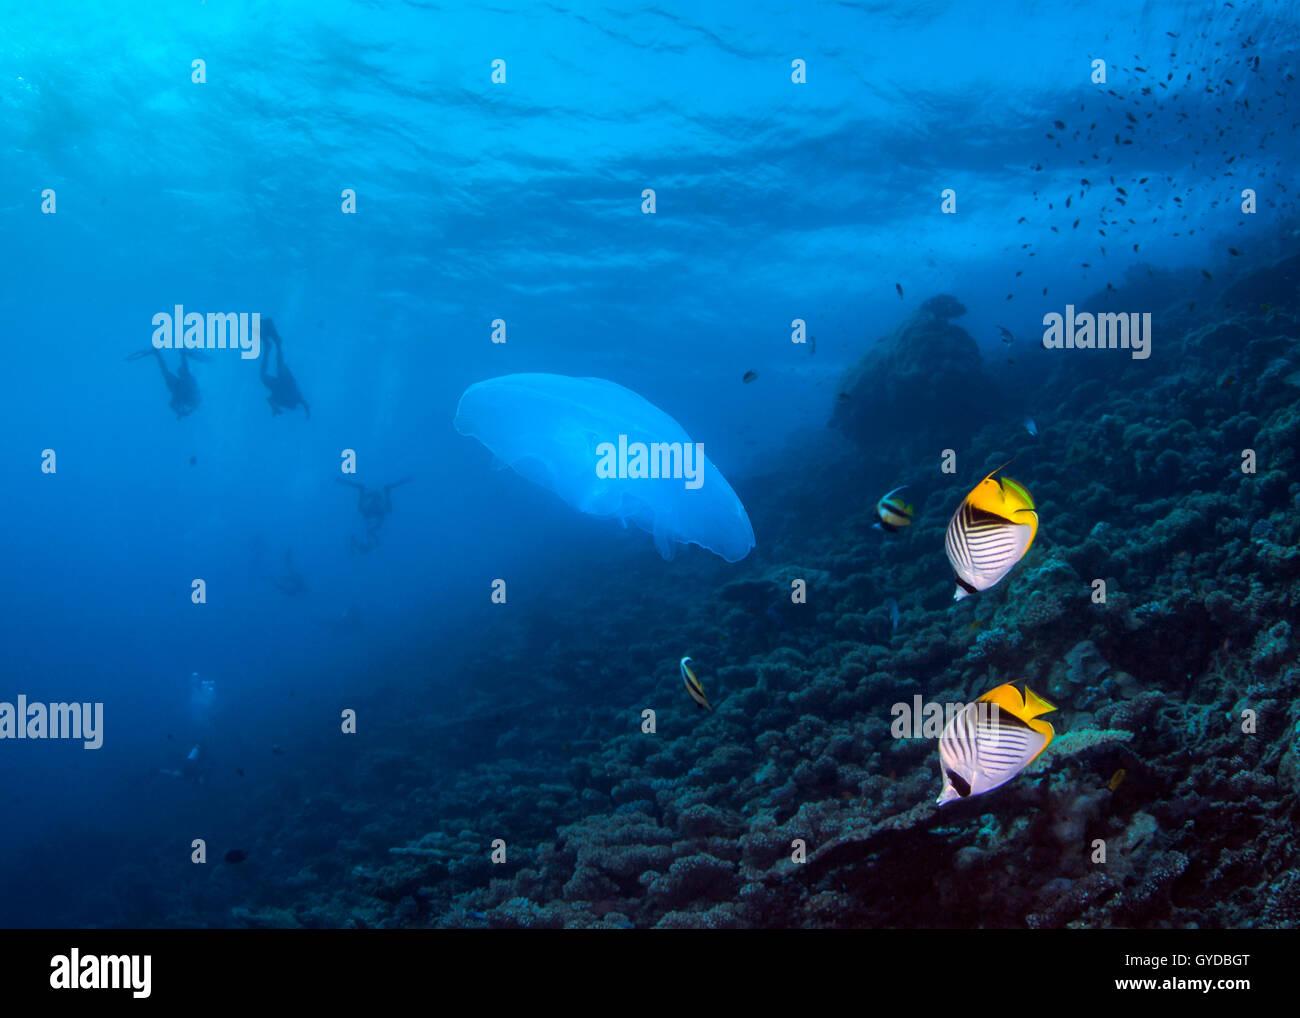 Seascape di meduse e raccoon Butterllyfish sulla barriera corallina con subacquei in silhouette in blu sullo sfondo Immagini Stock